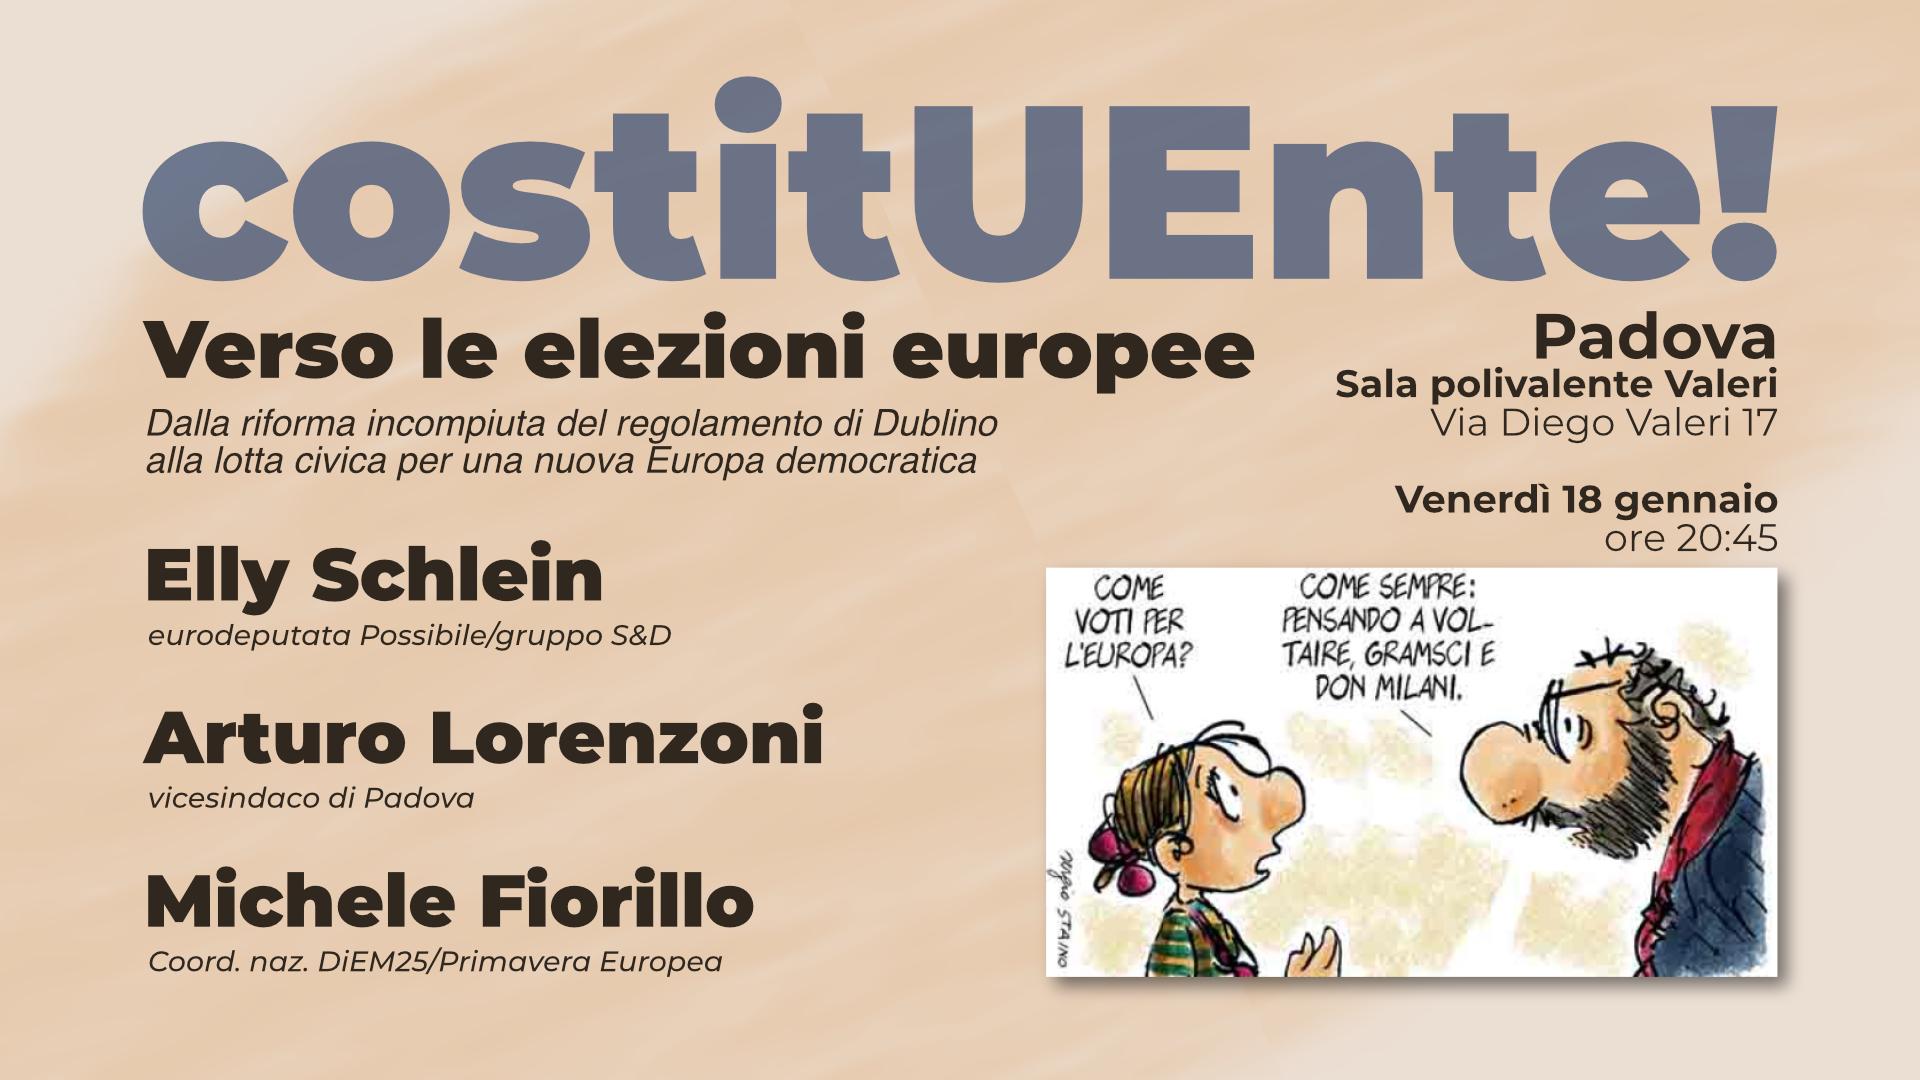 CostitUEnte! - Verso le elezioni europee